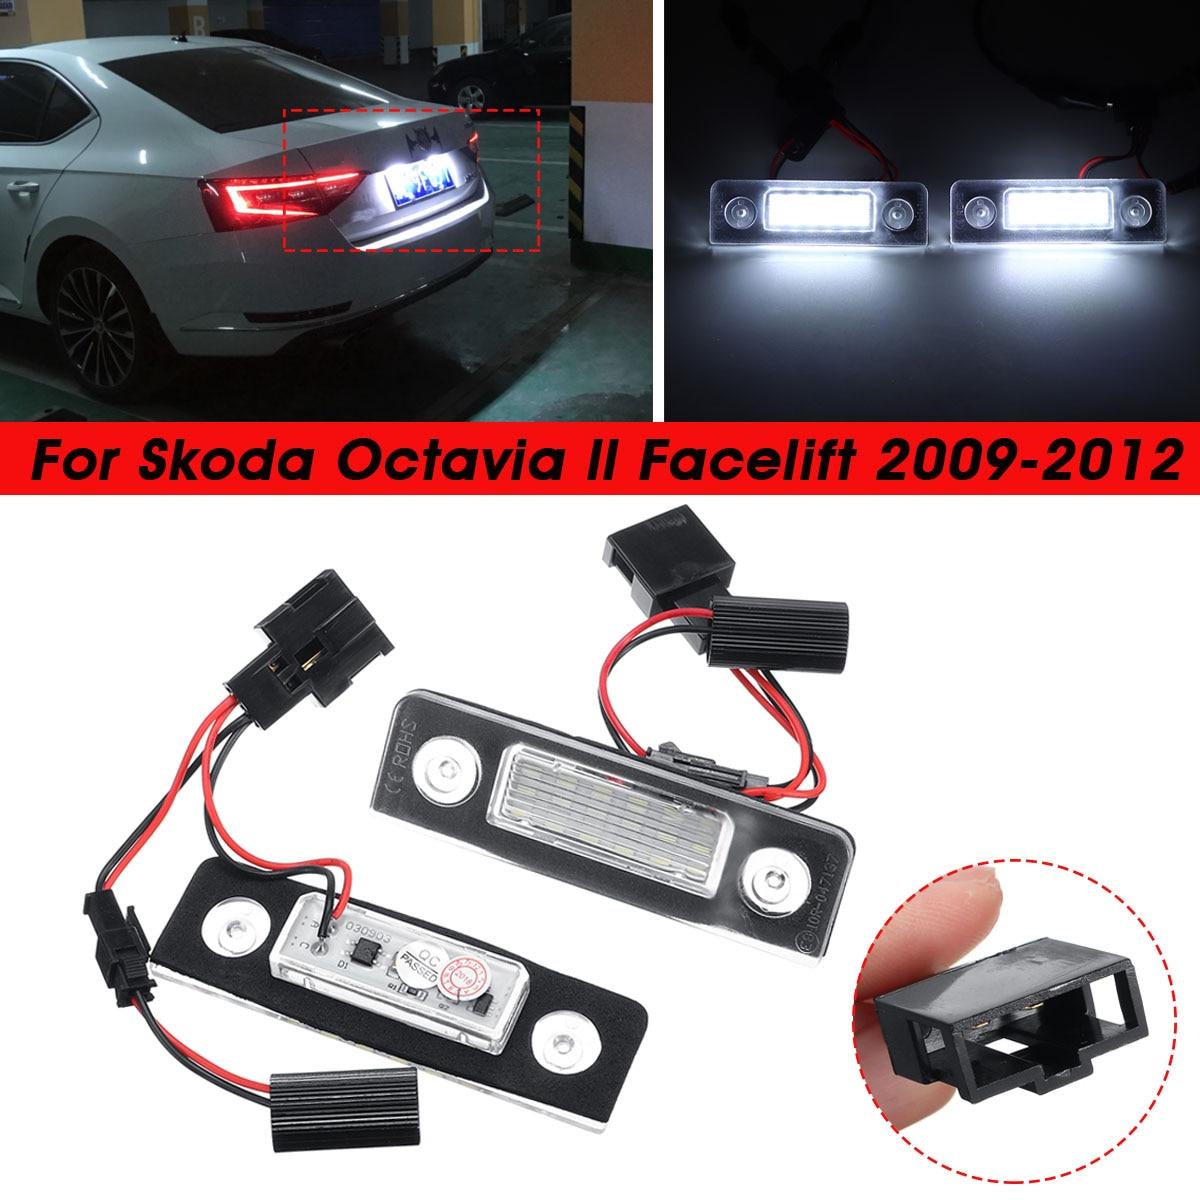 1 Pair Car LED Number License Plate Light For Skoda Octavia 2 Facelift 2009 2010 2011 2012